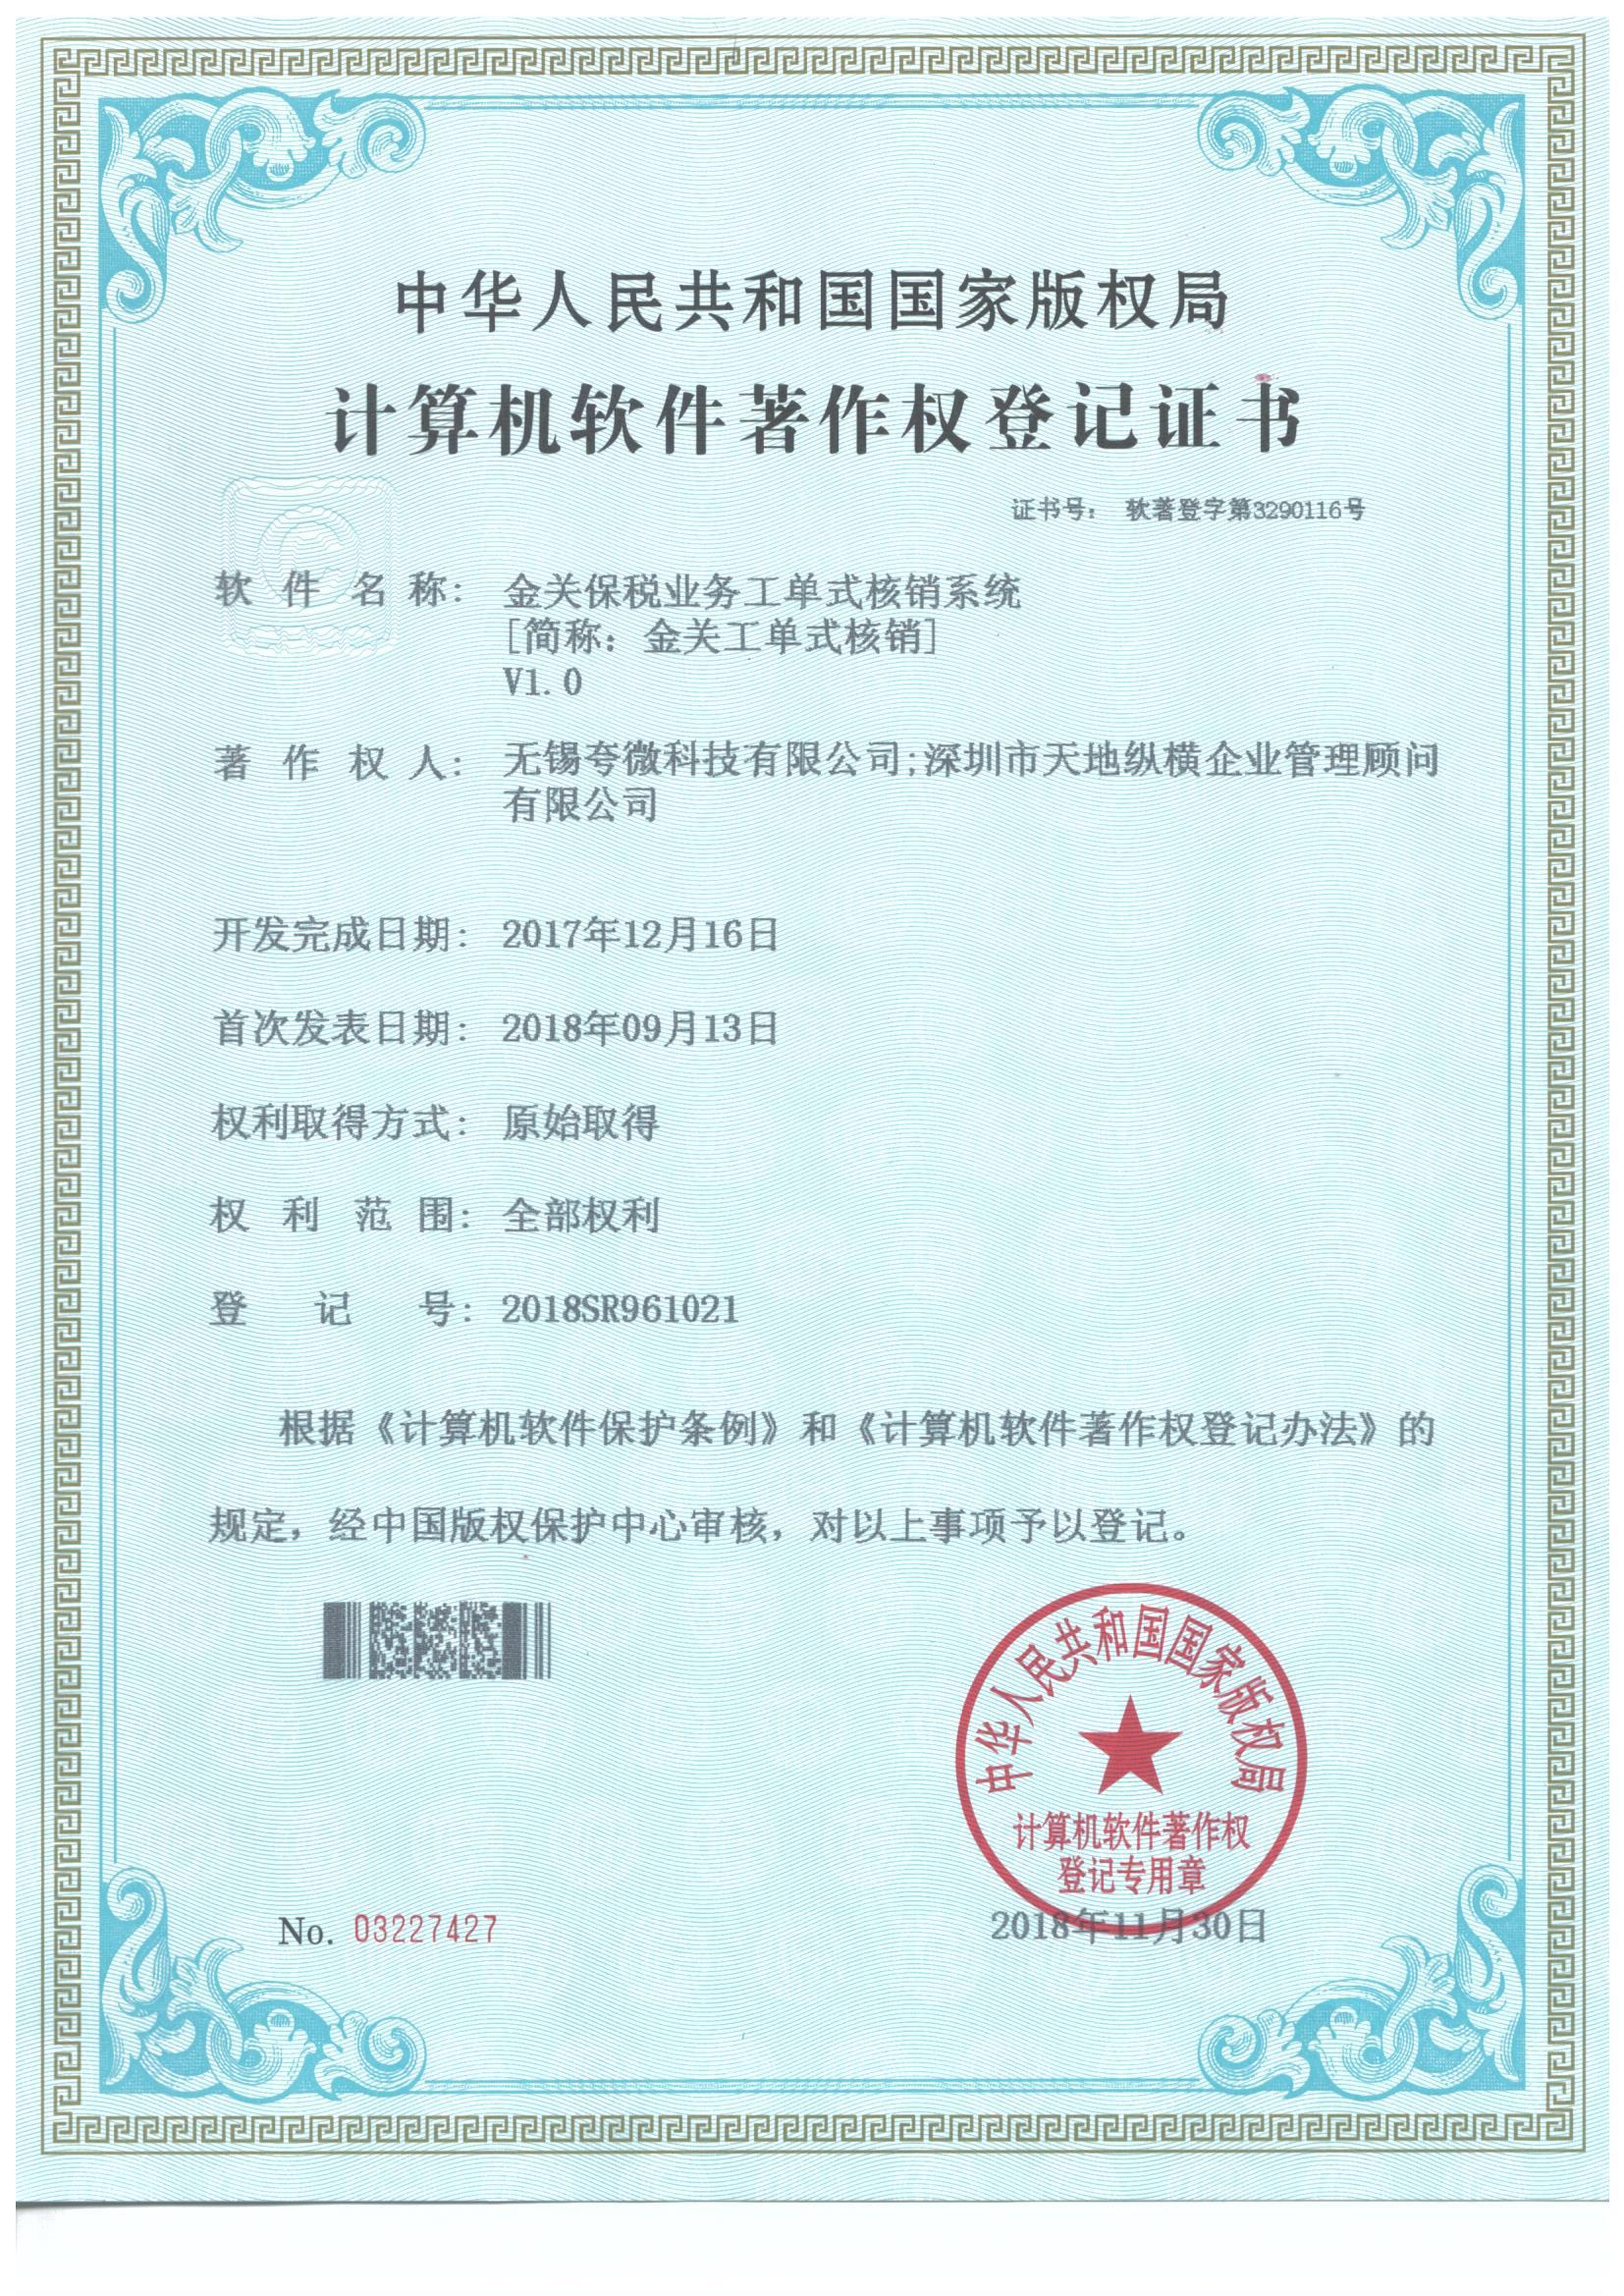 动态 | 天地纵横金关保税业务工单式核销系统通过国家版权局软件著作权登记